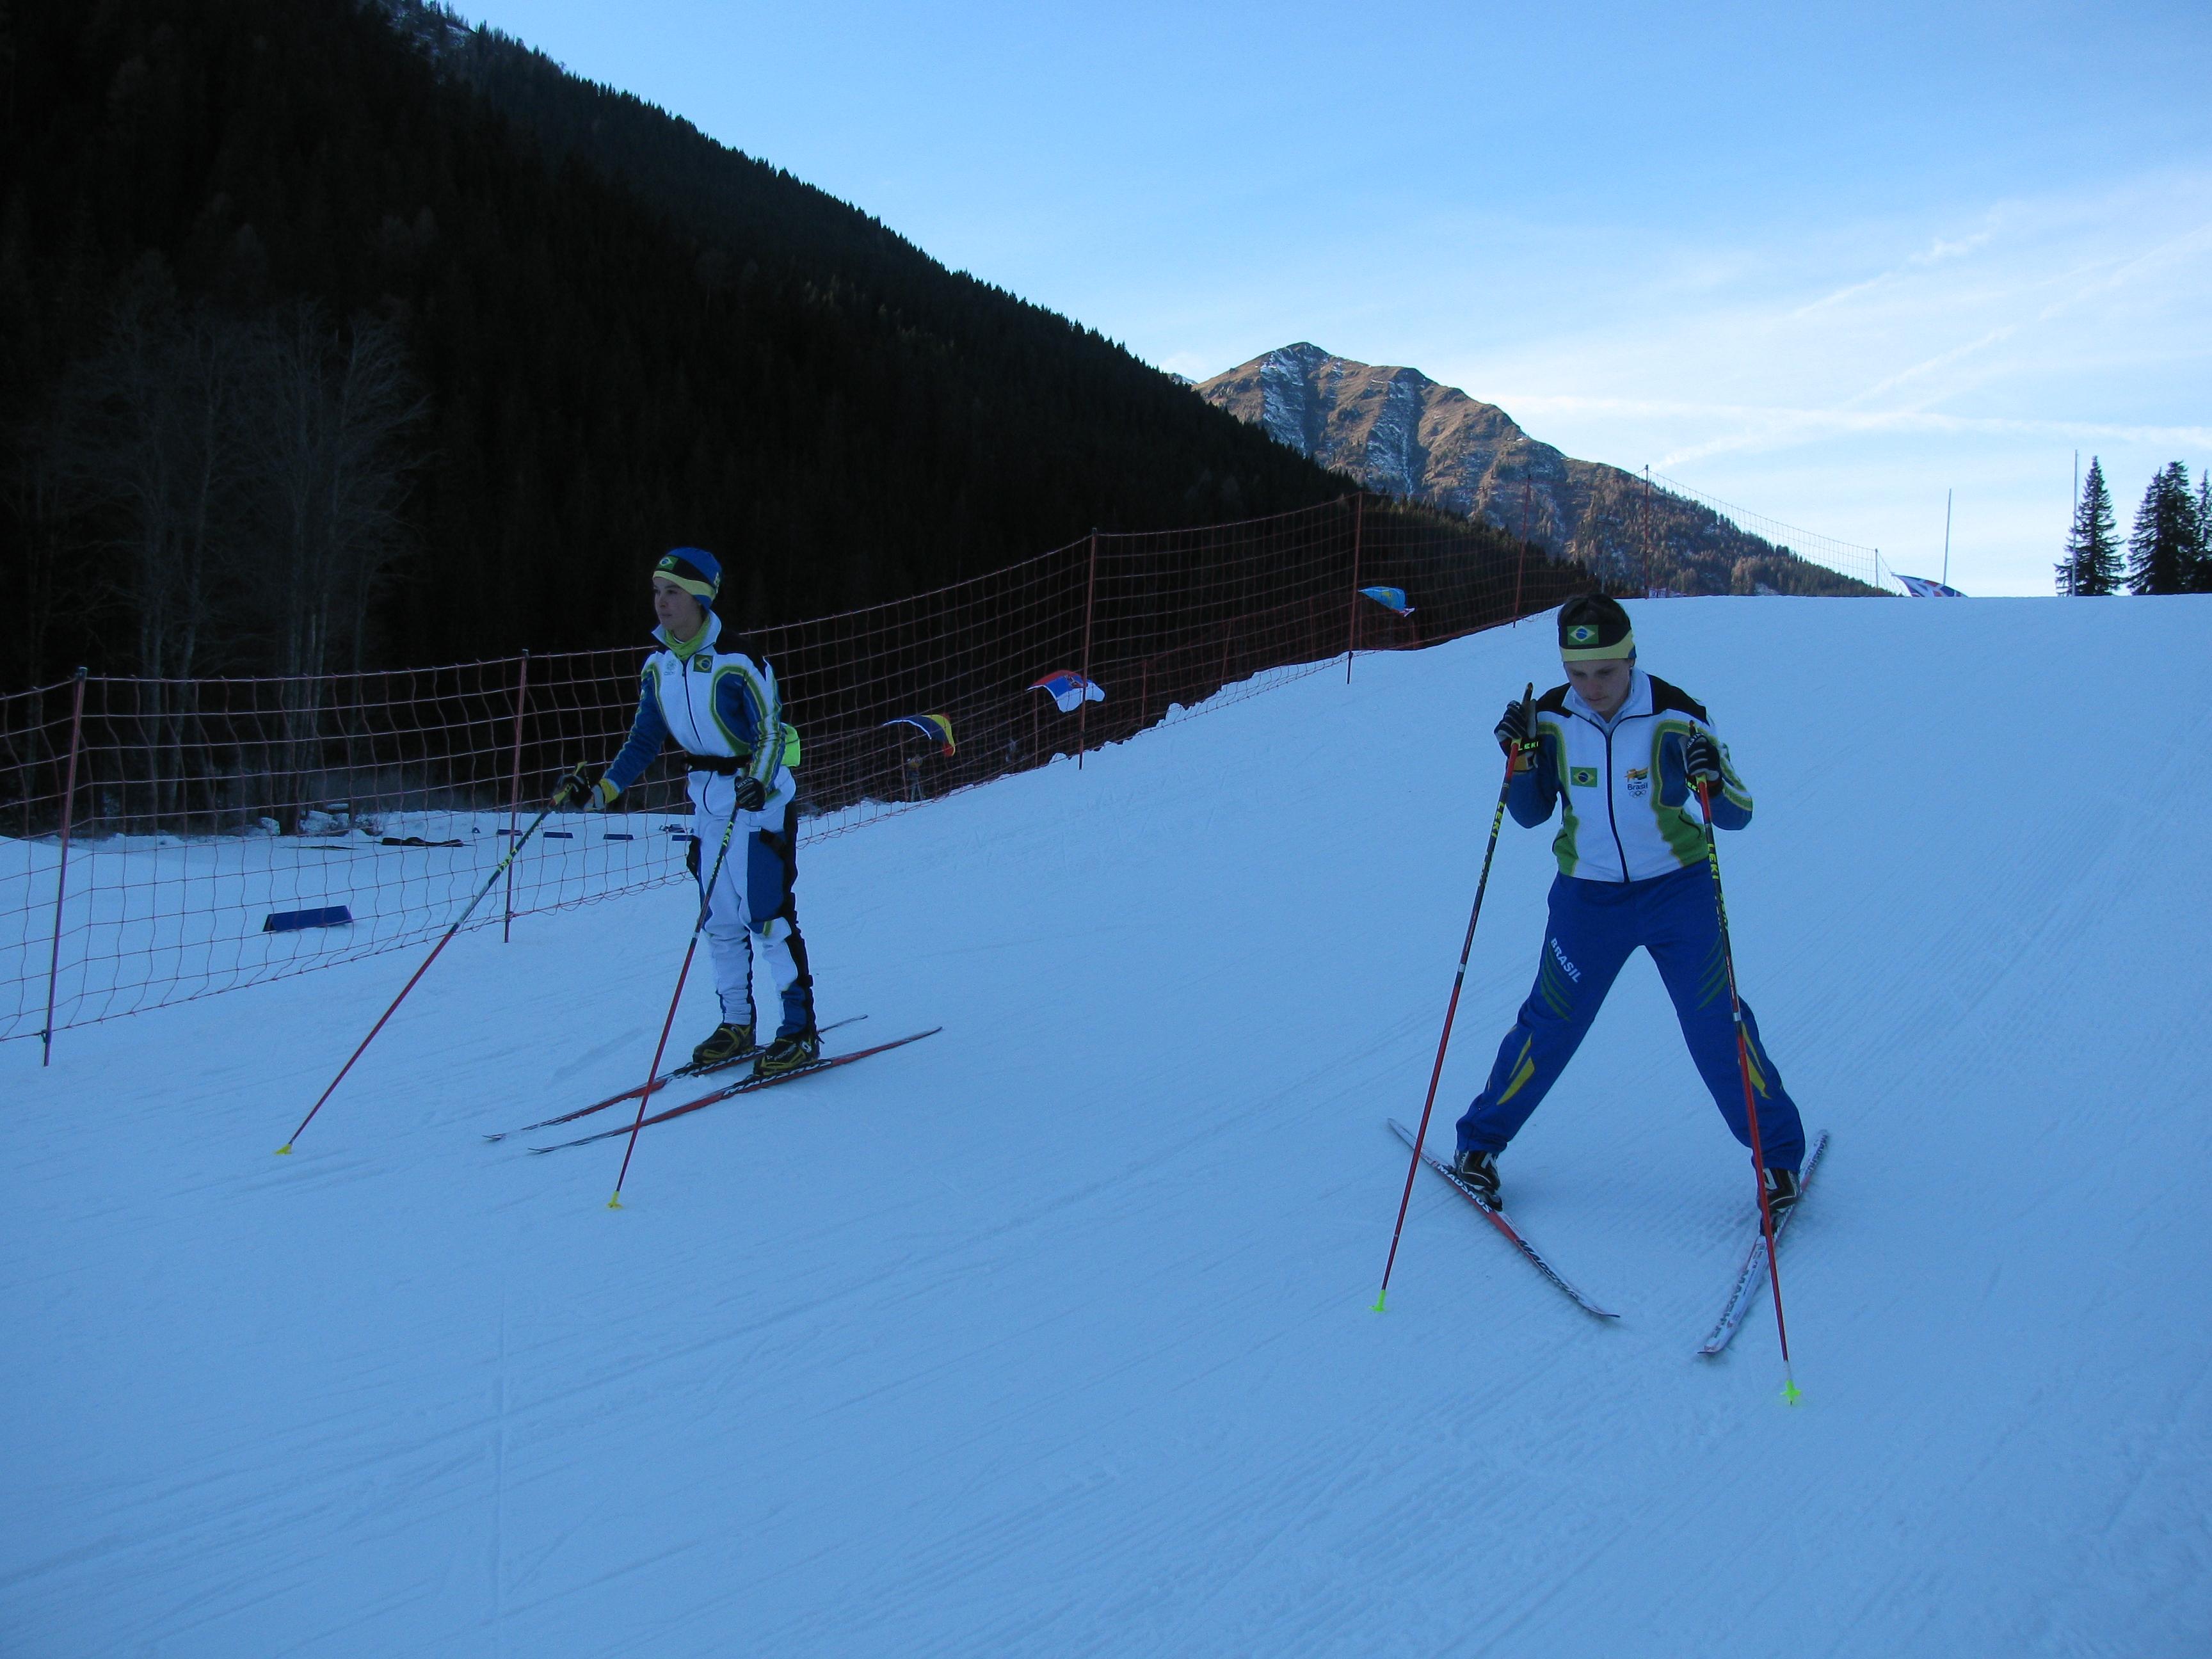 De ski's worden getest en al na vijf minuten is duidelijk dat de oude ski's het beste zijn (Foto: heywoodu)